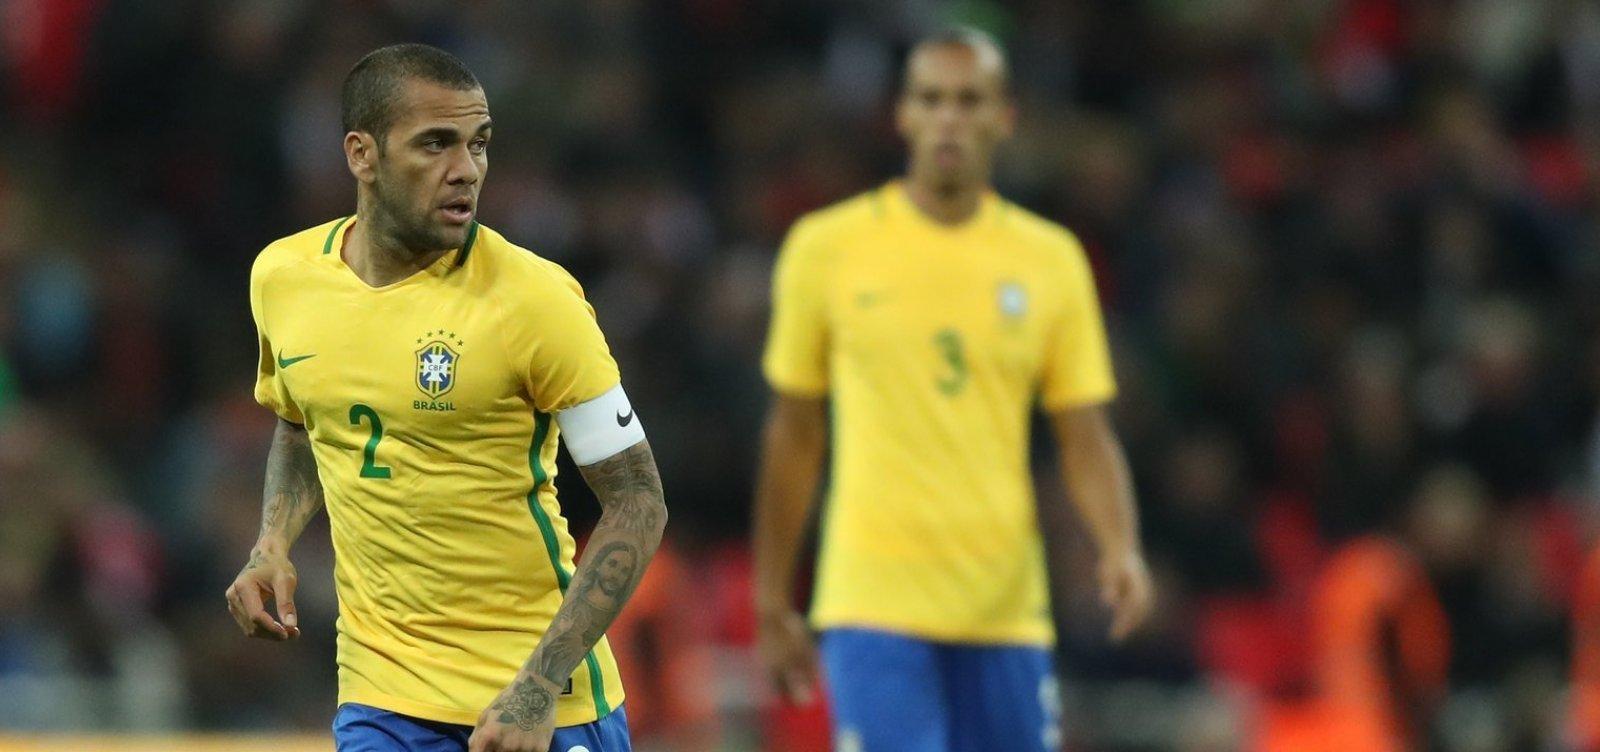 [Tite rejeita Neymar e define Daniel Alves como capitão da seleção]